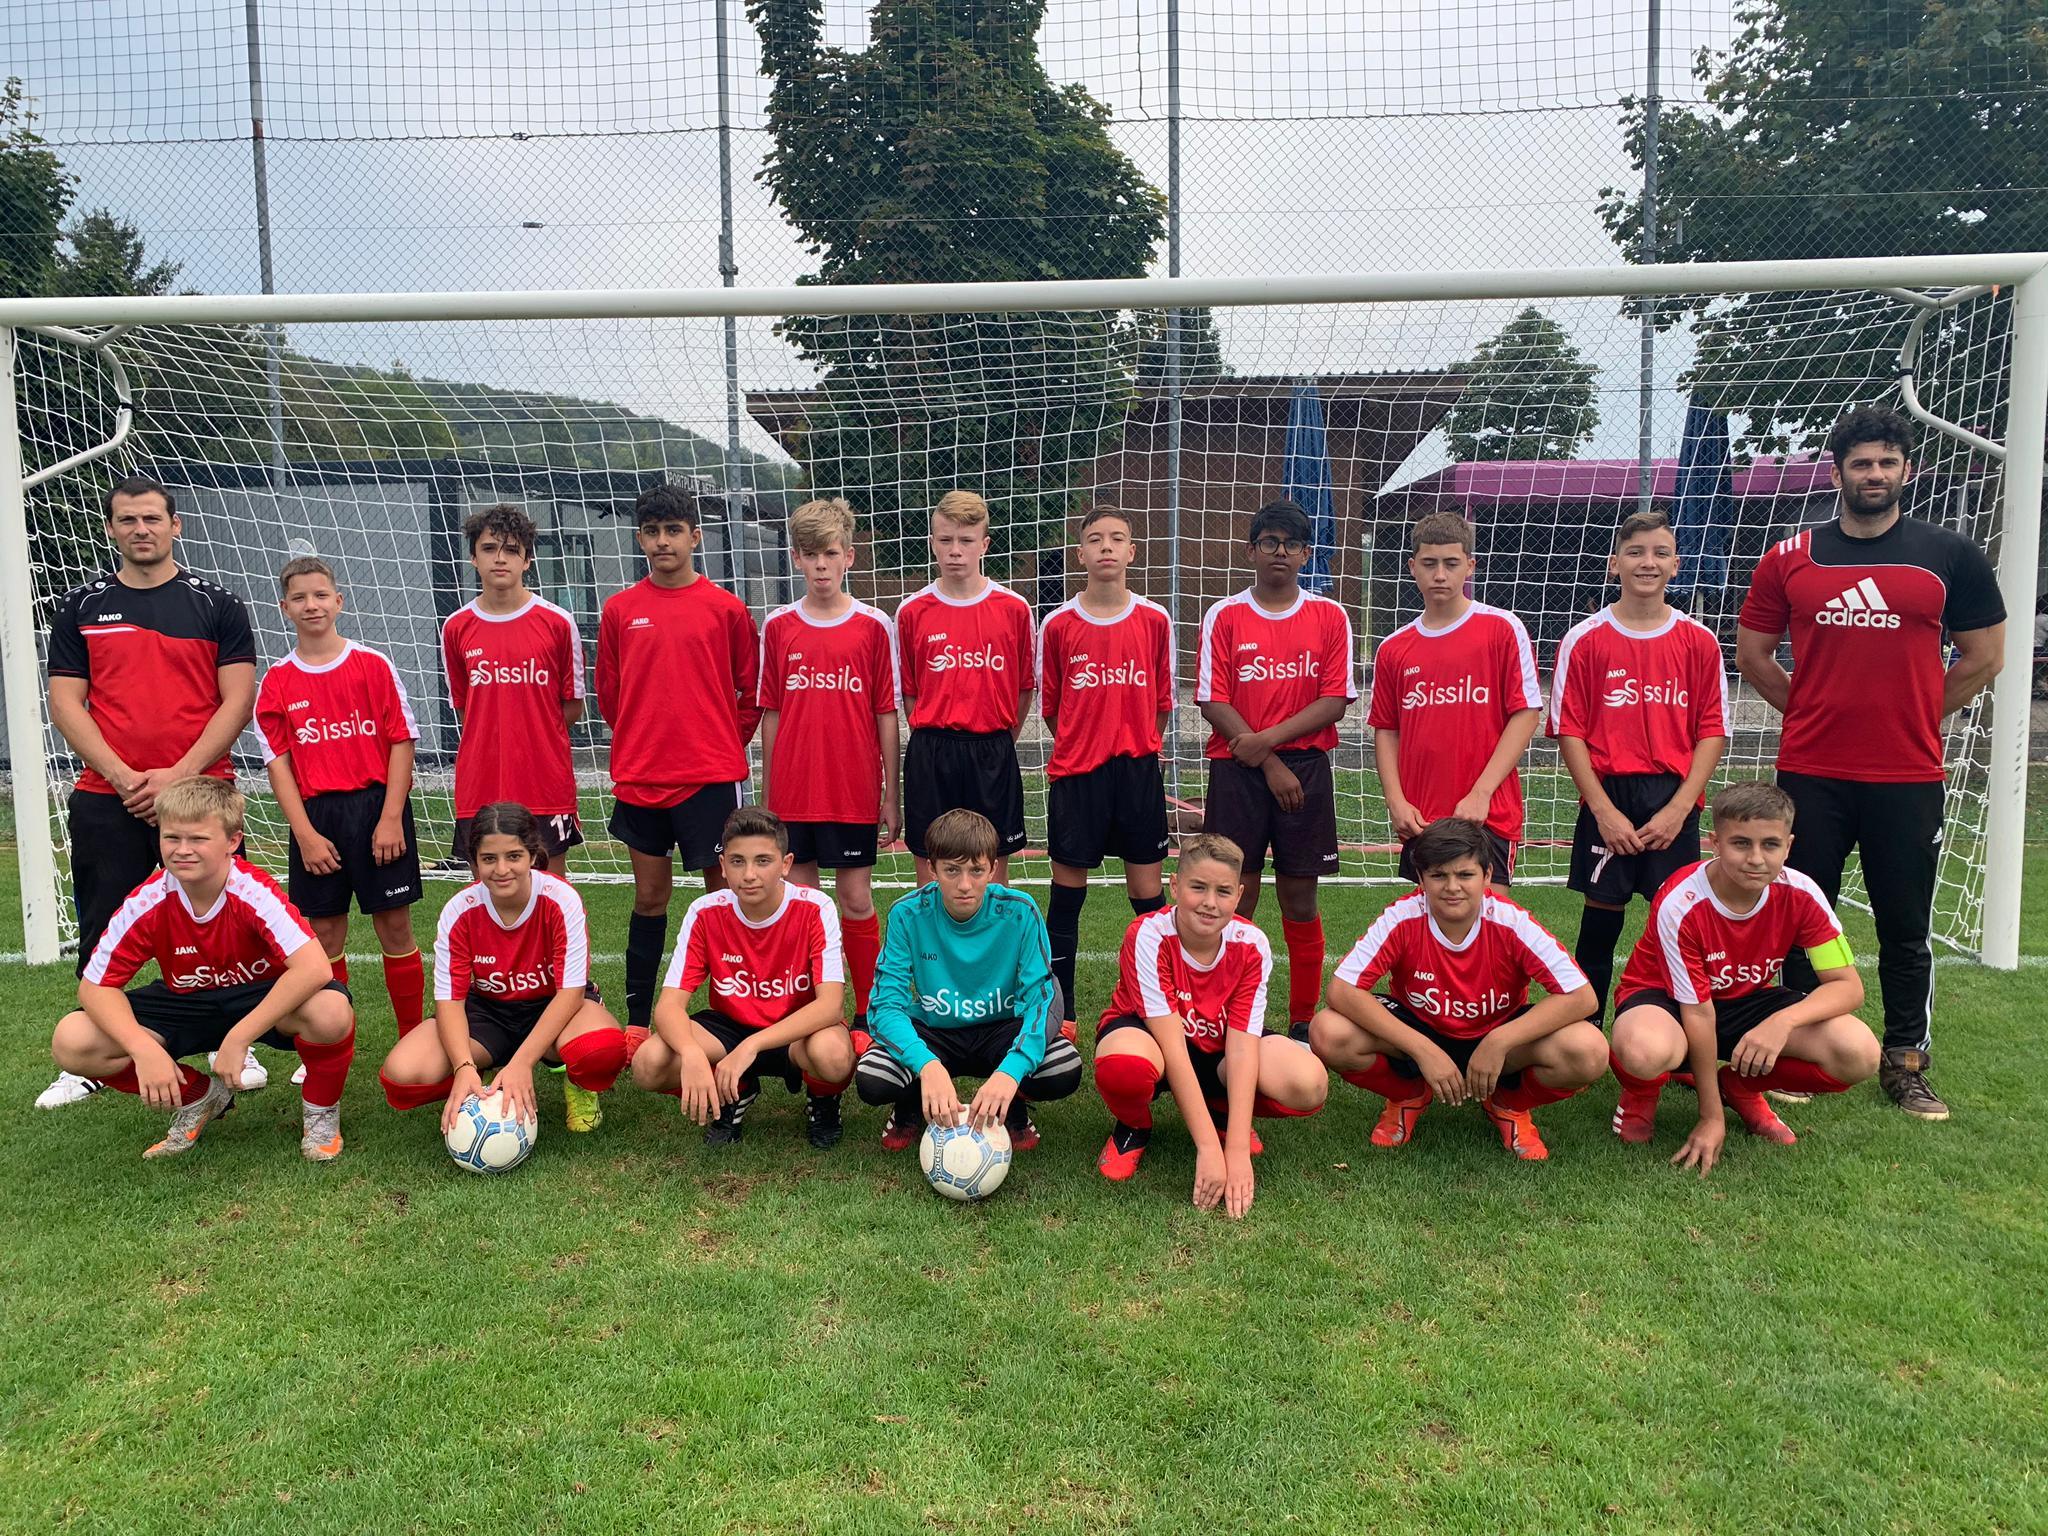 Mannschaftsfoto Junioren C, mit Sponsor Hallenbad Sissilia, Sisseln/AG Saison 2020/2021